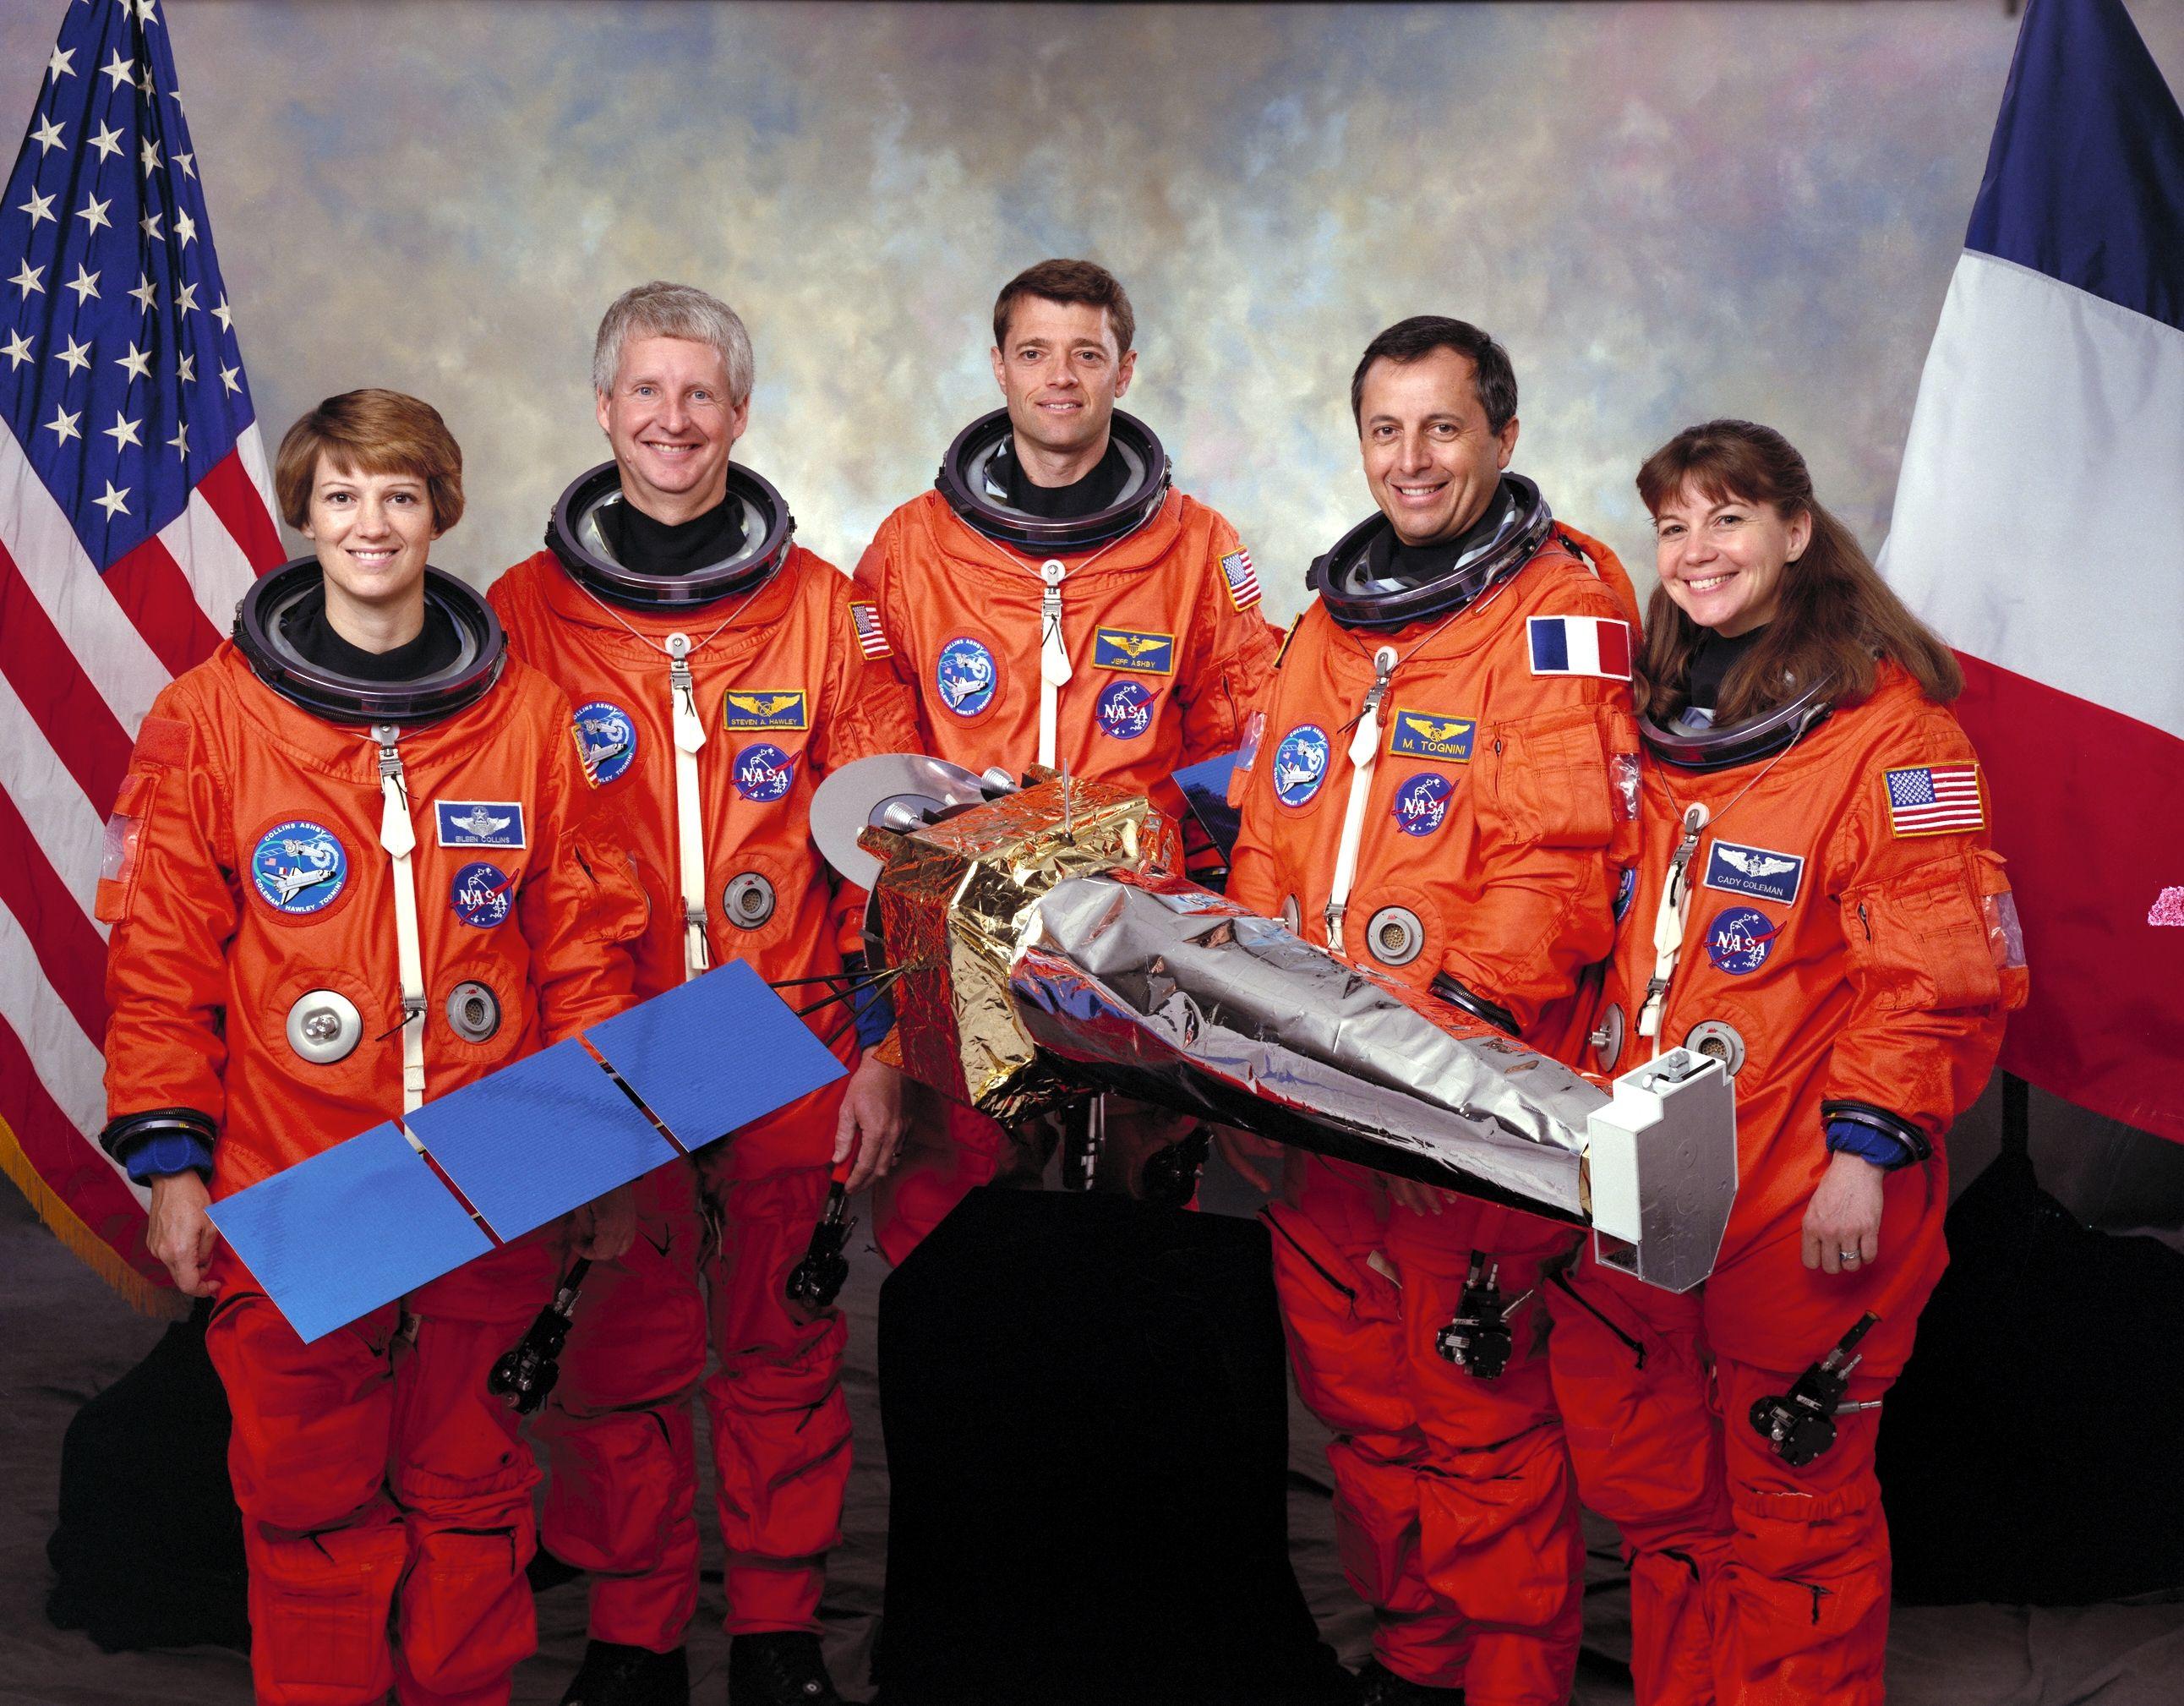 La tripulación de la Misión STS-93, en septiembre de 1998. Crédito: Wikipedia